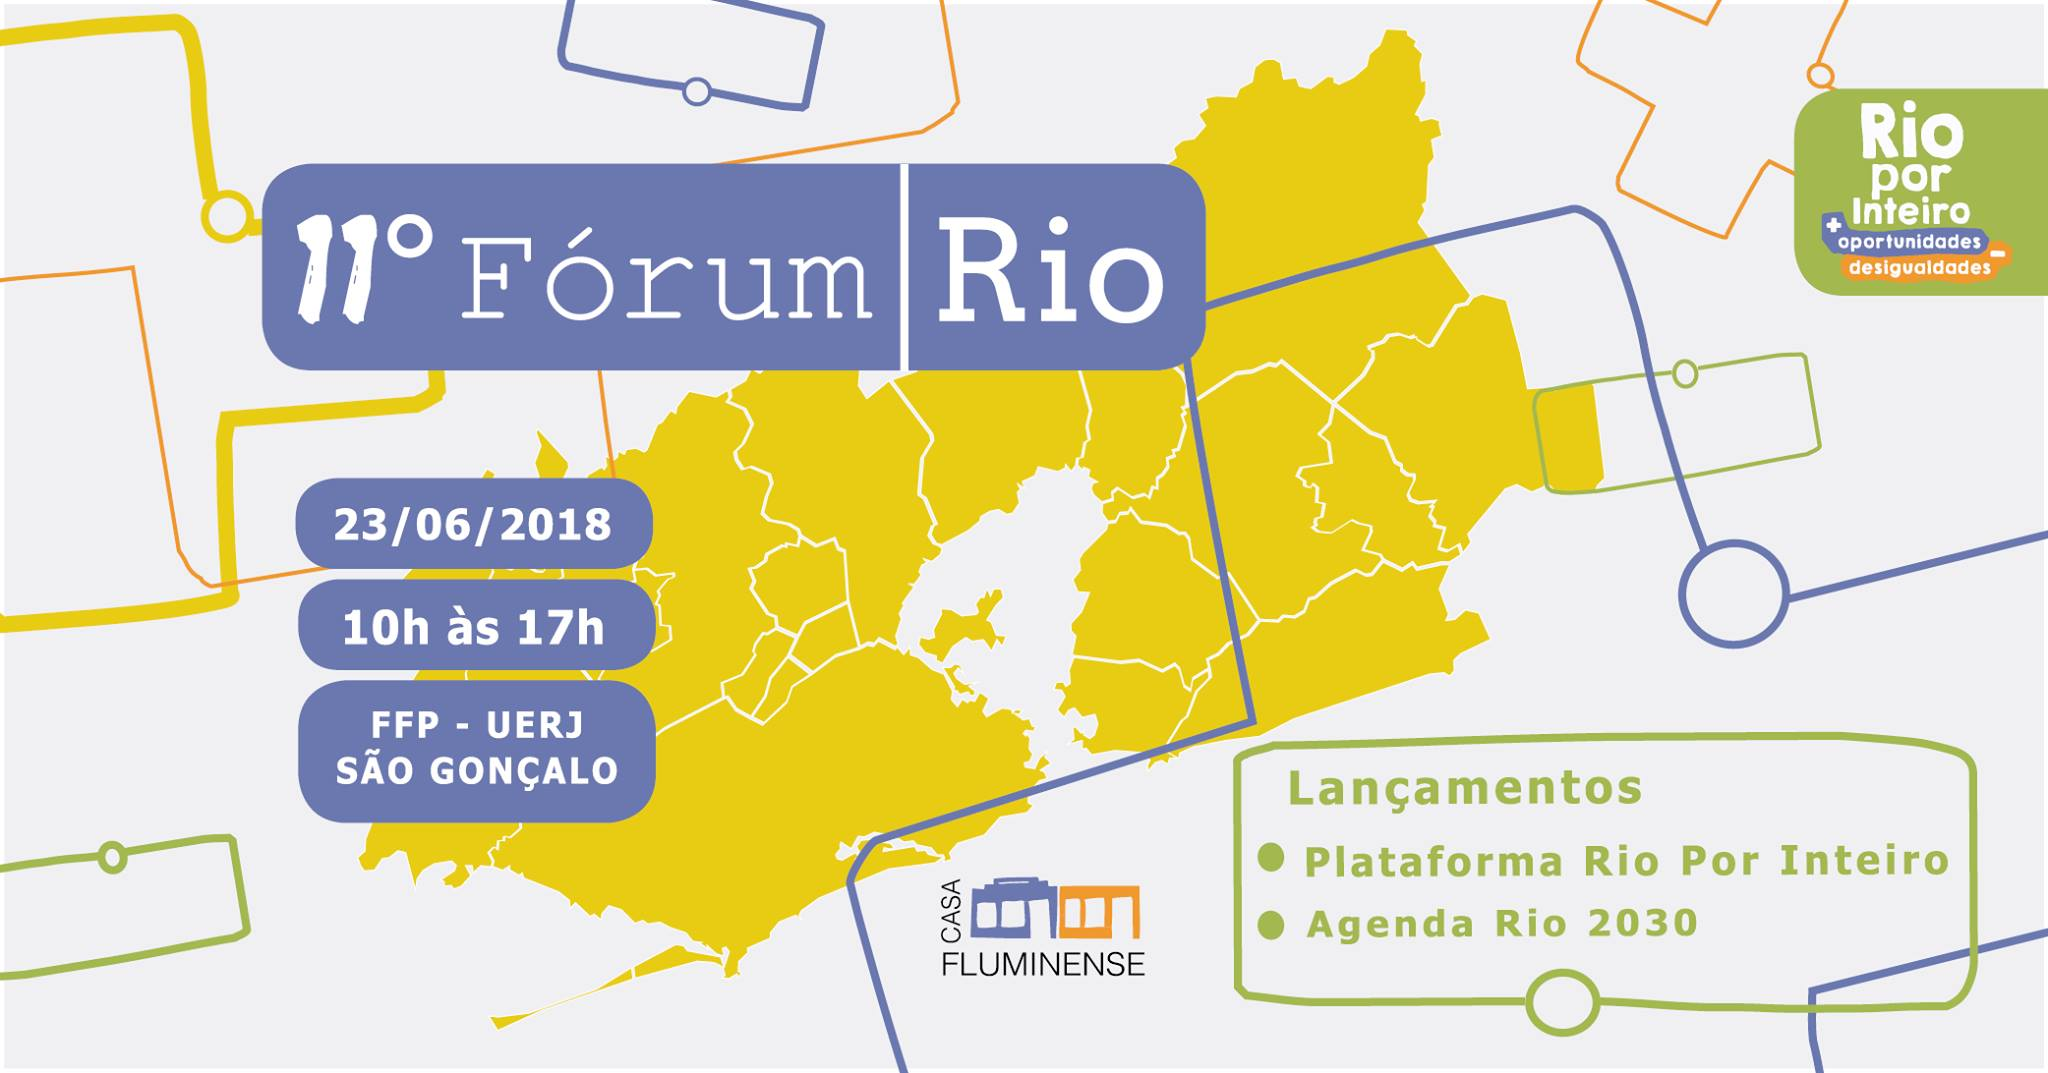 11º Fórum Rio acontece em São Gonçalo em 23 de junho